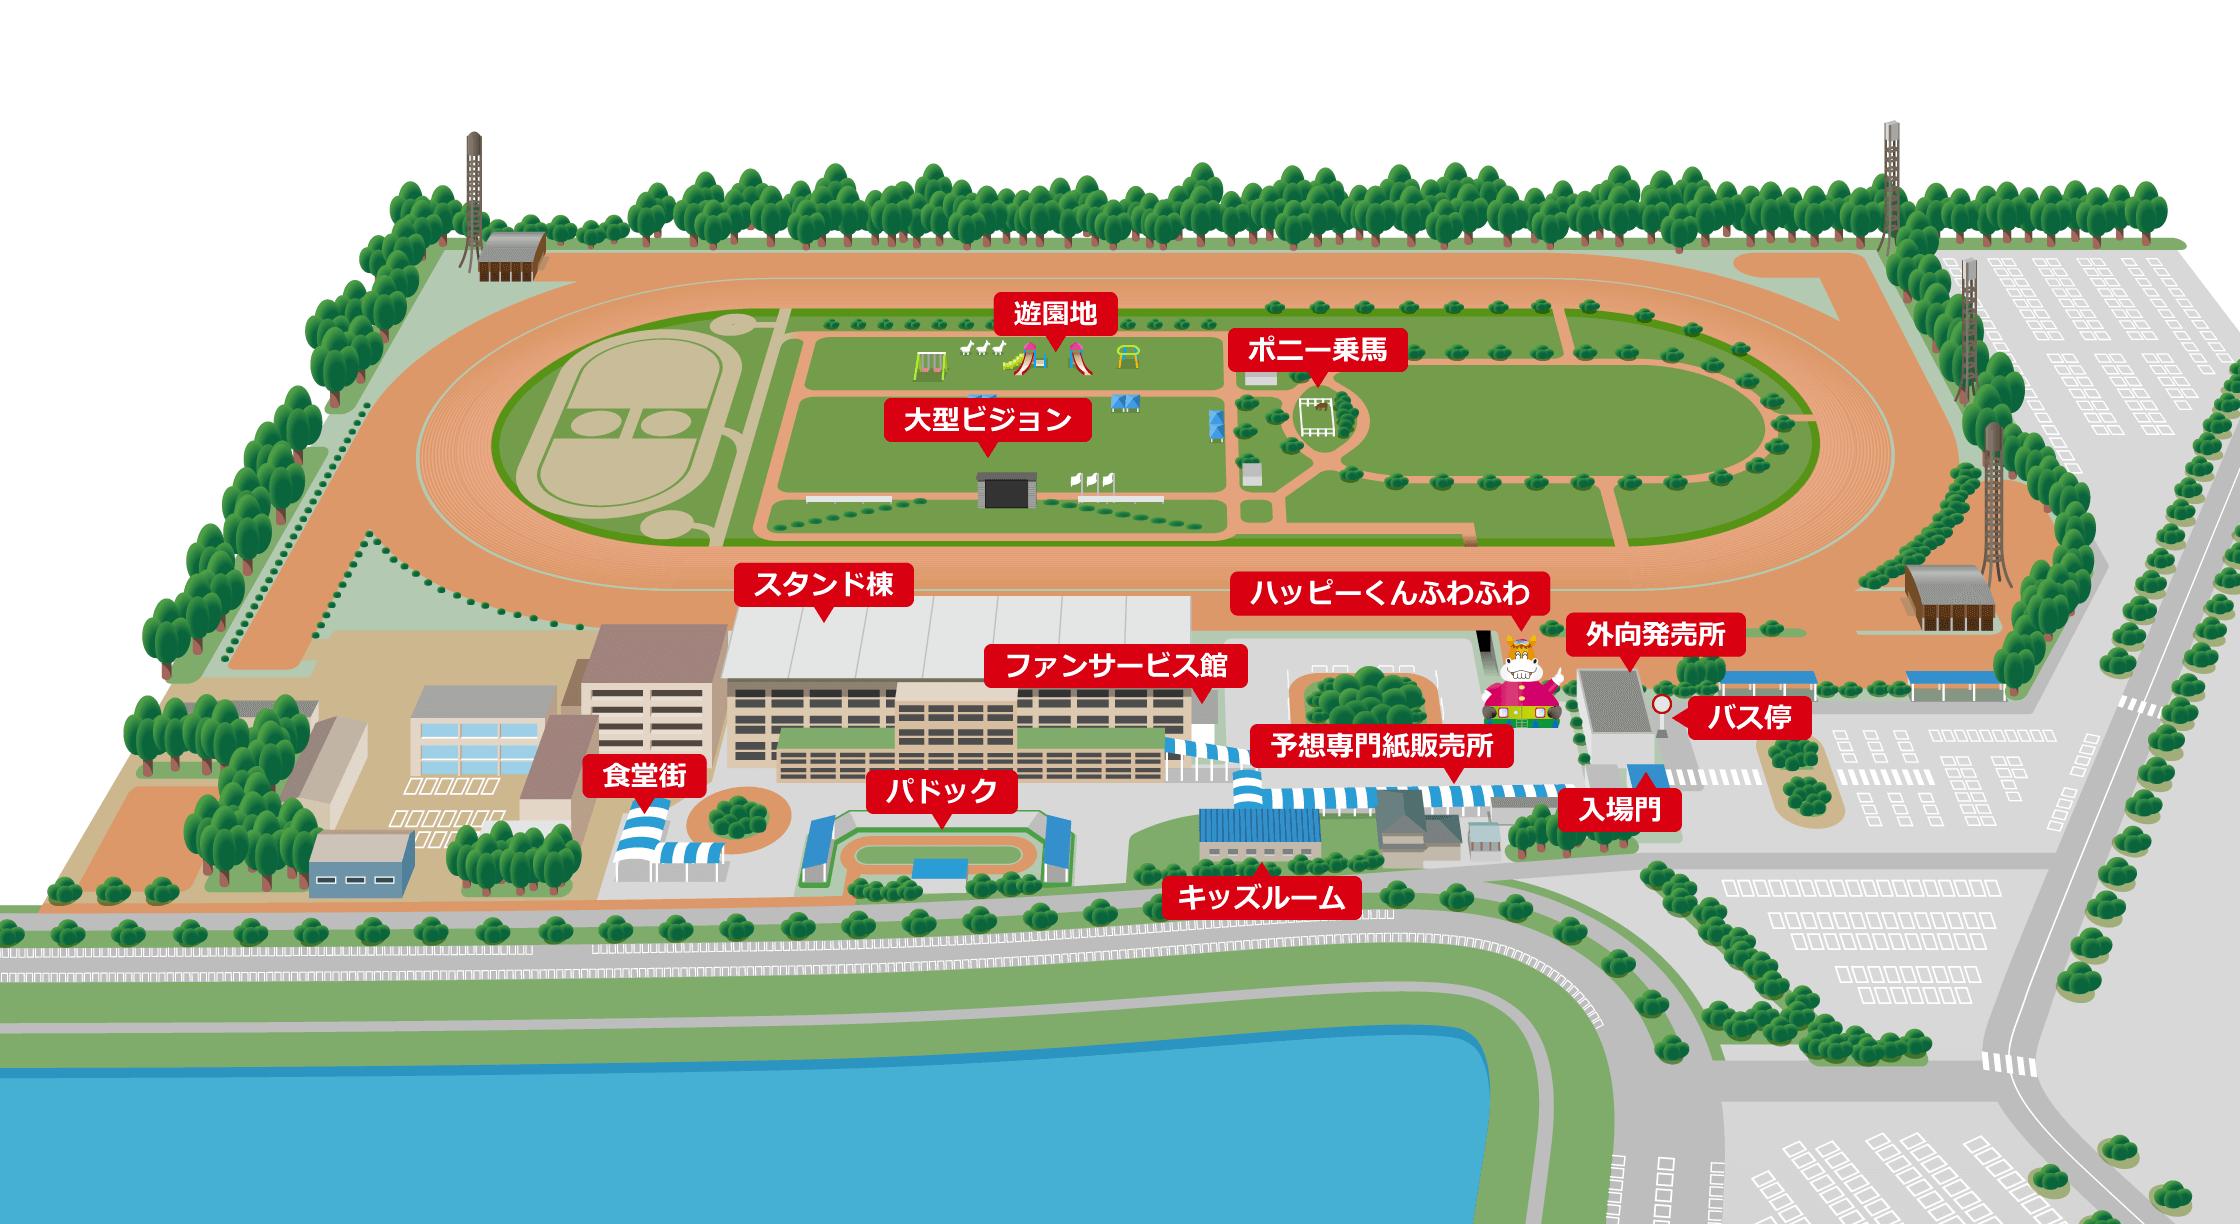 金沢競馬場ご案内MAP